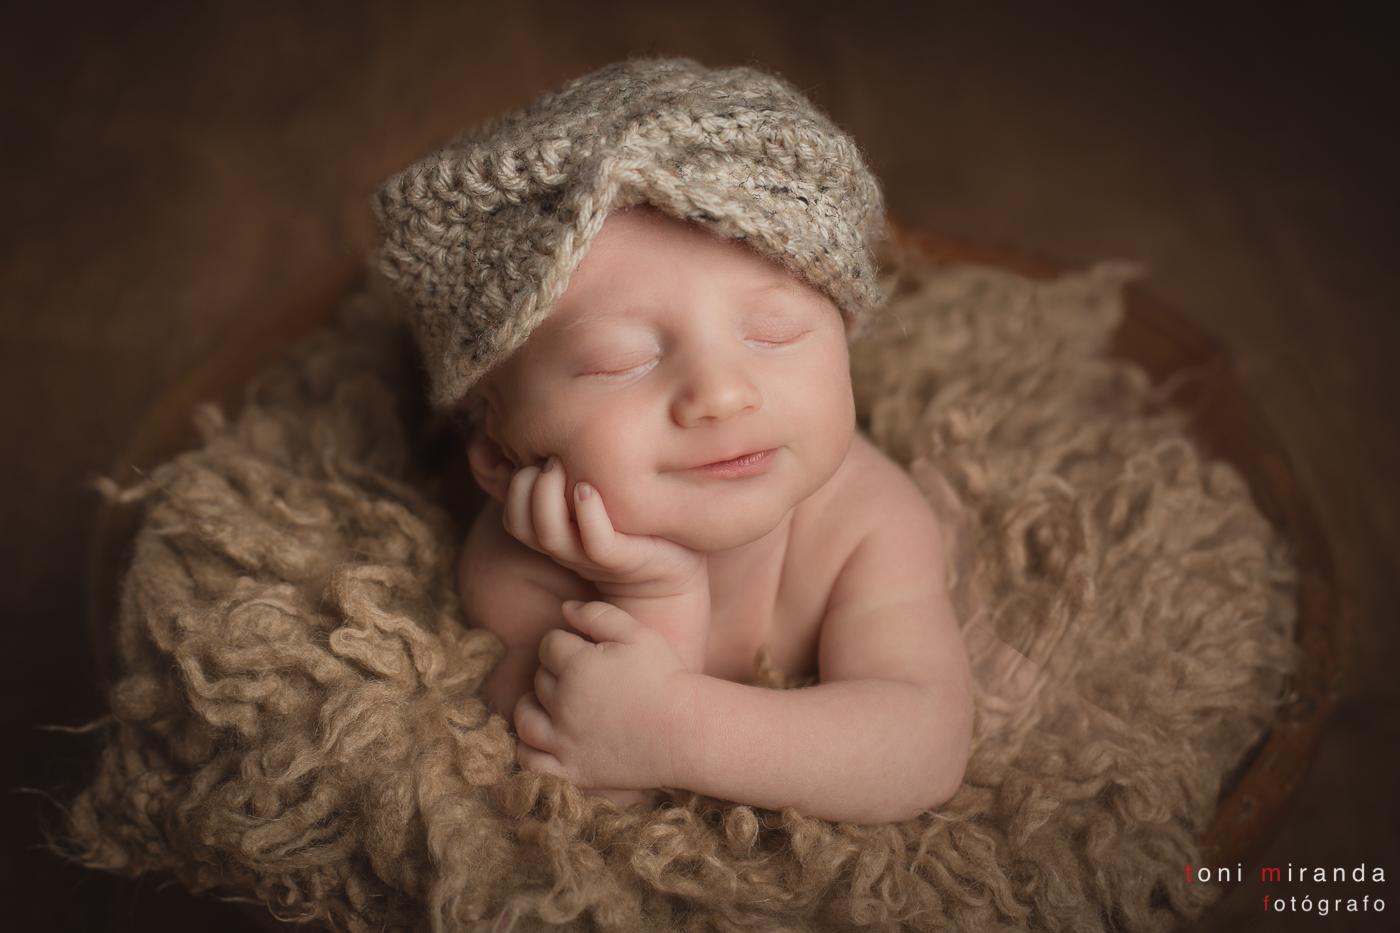 bebe durmiendo sonrisa